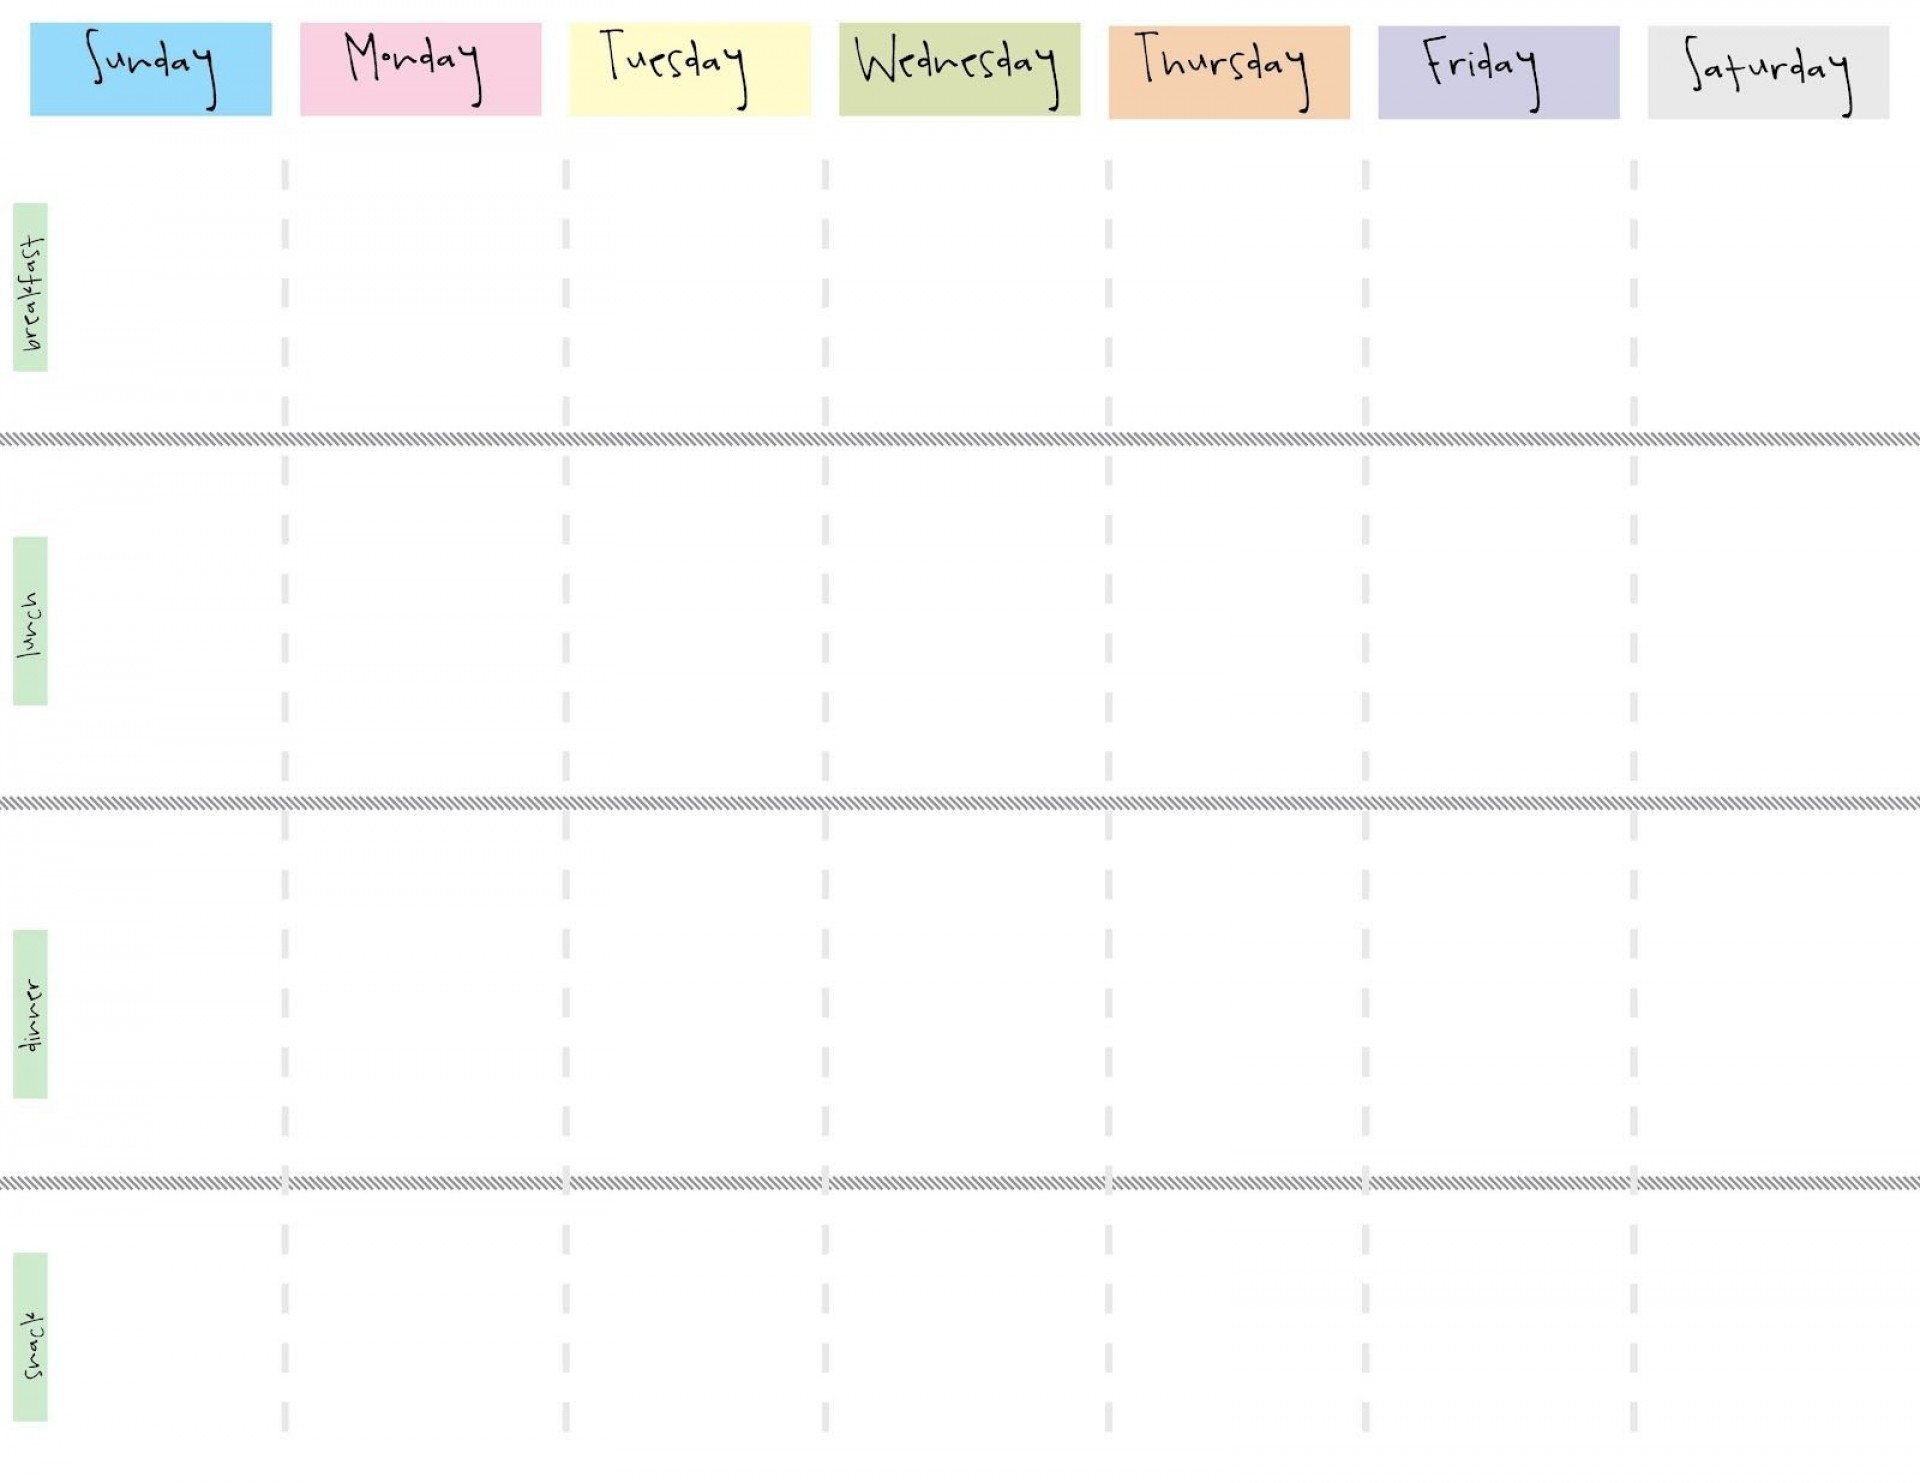 000 Wonderful Printable Weekly Planner Template Cute Photo  Free Calendar1920